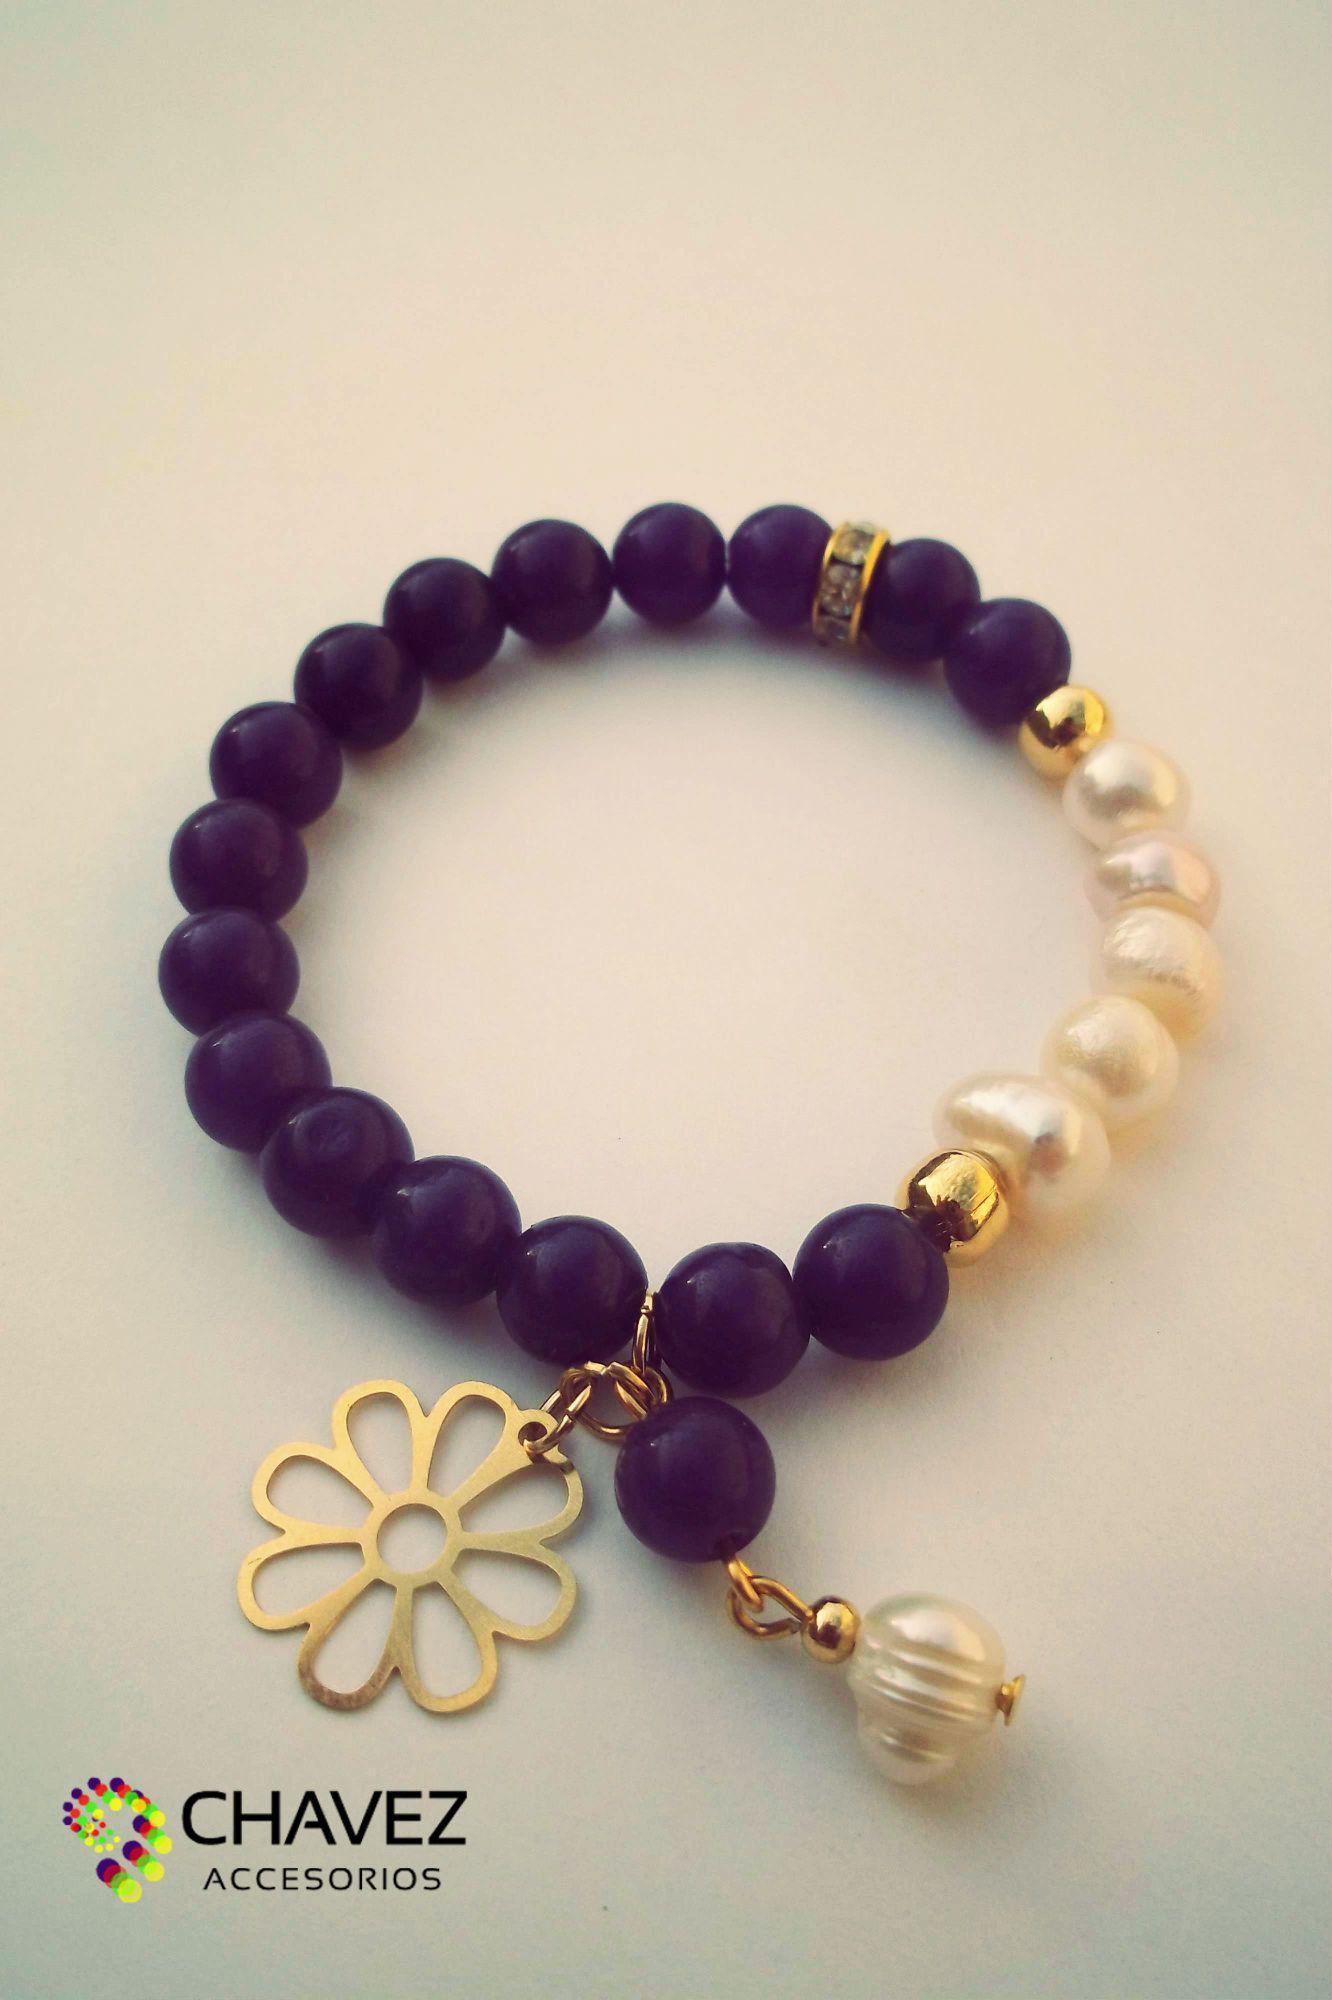 b7fedd933d63 Bella pulsera hecha con piedras de jade morada y perla cultivada con  enchapes de oro